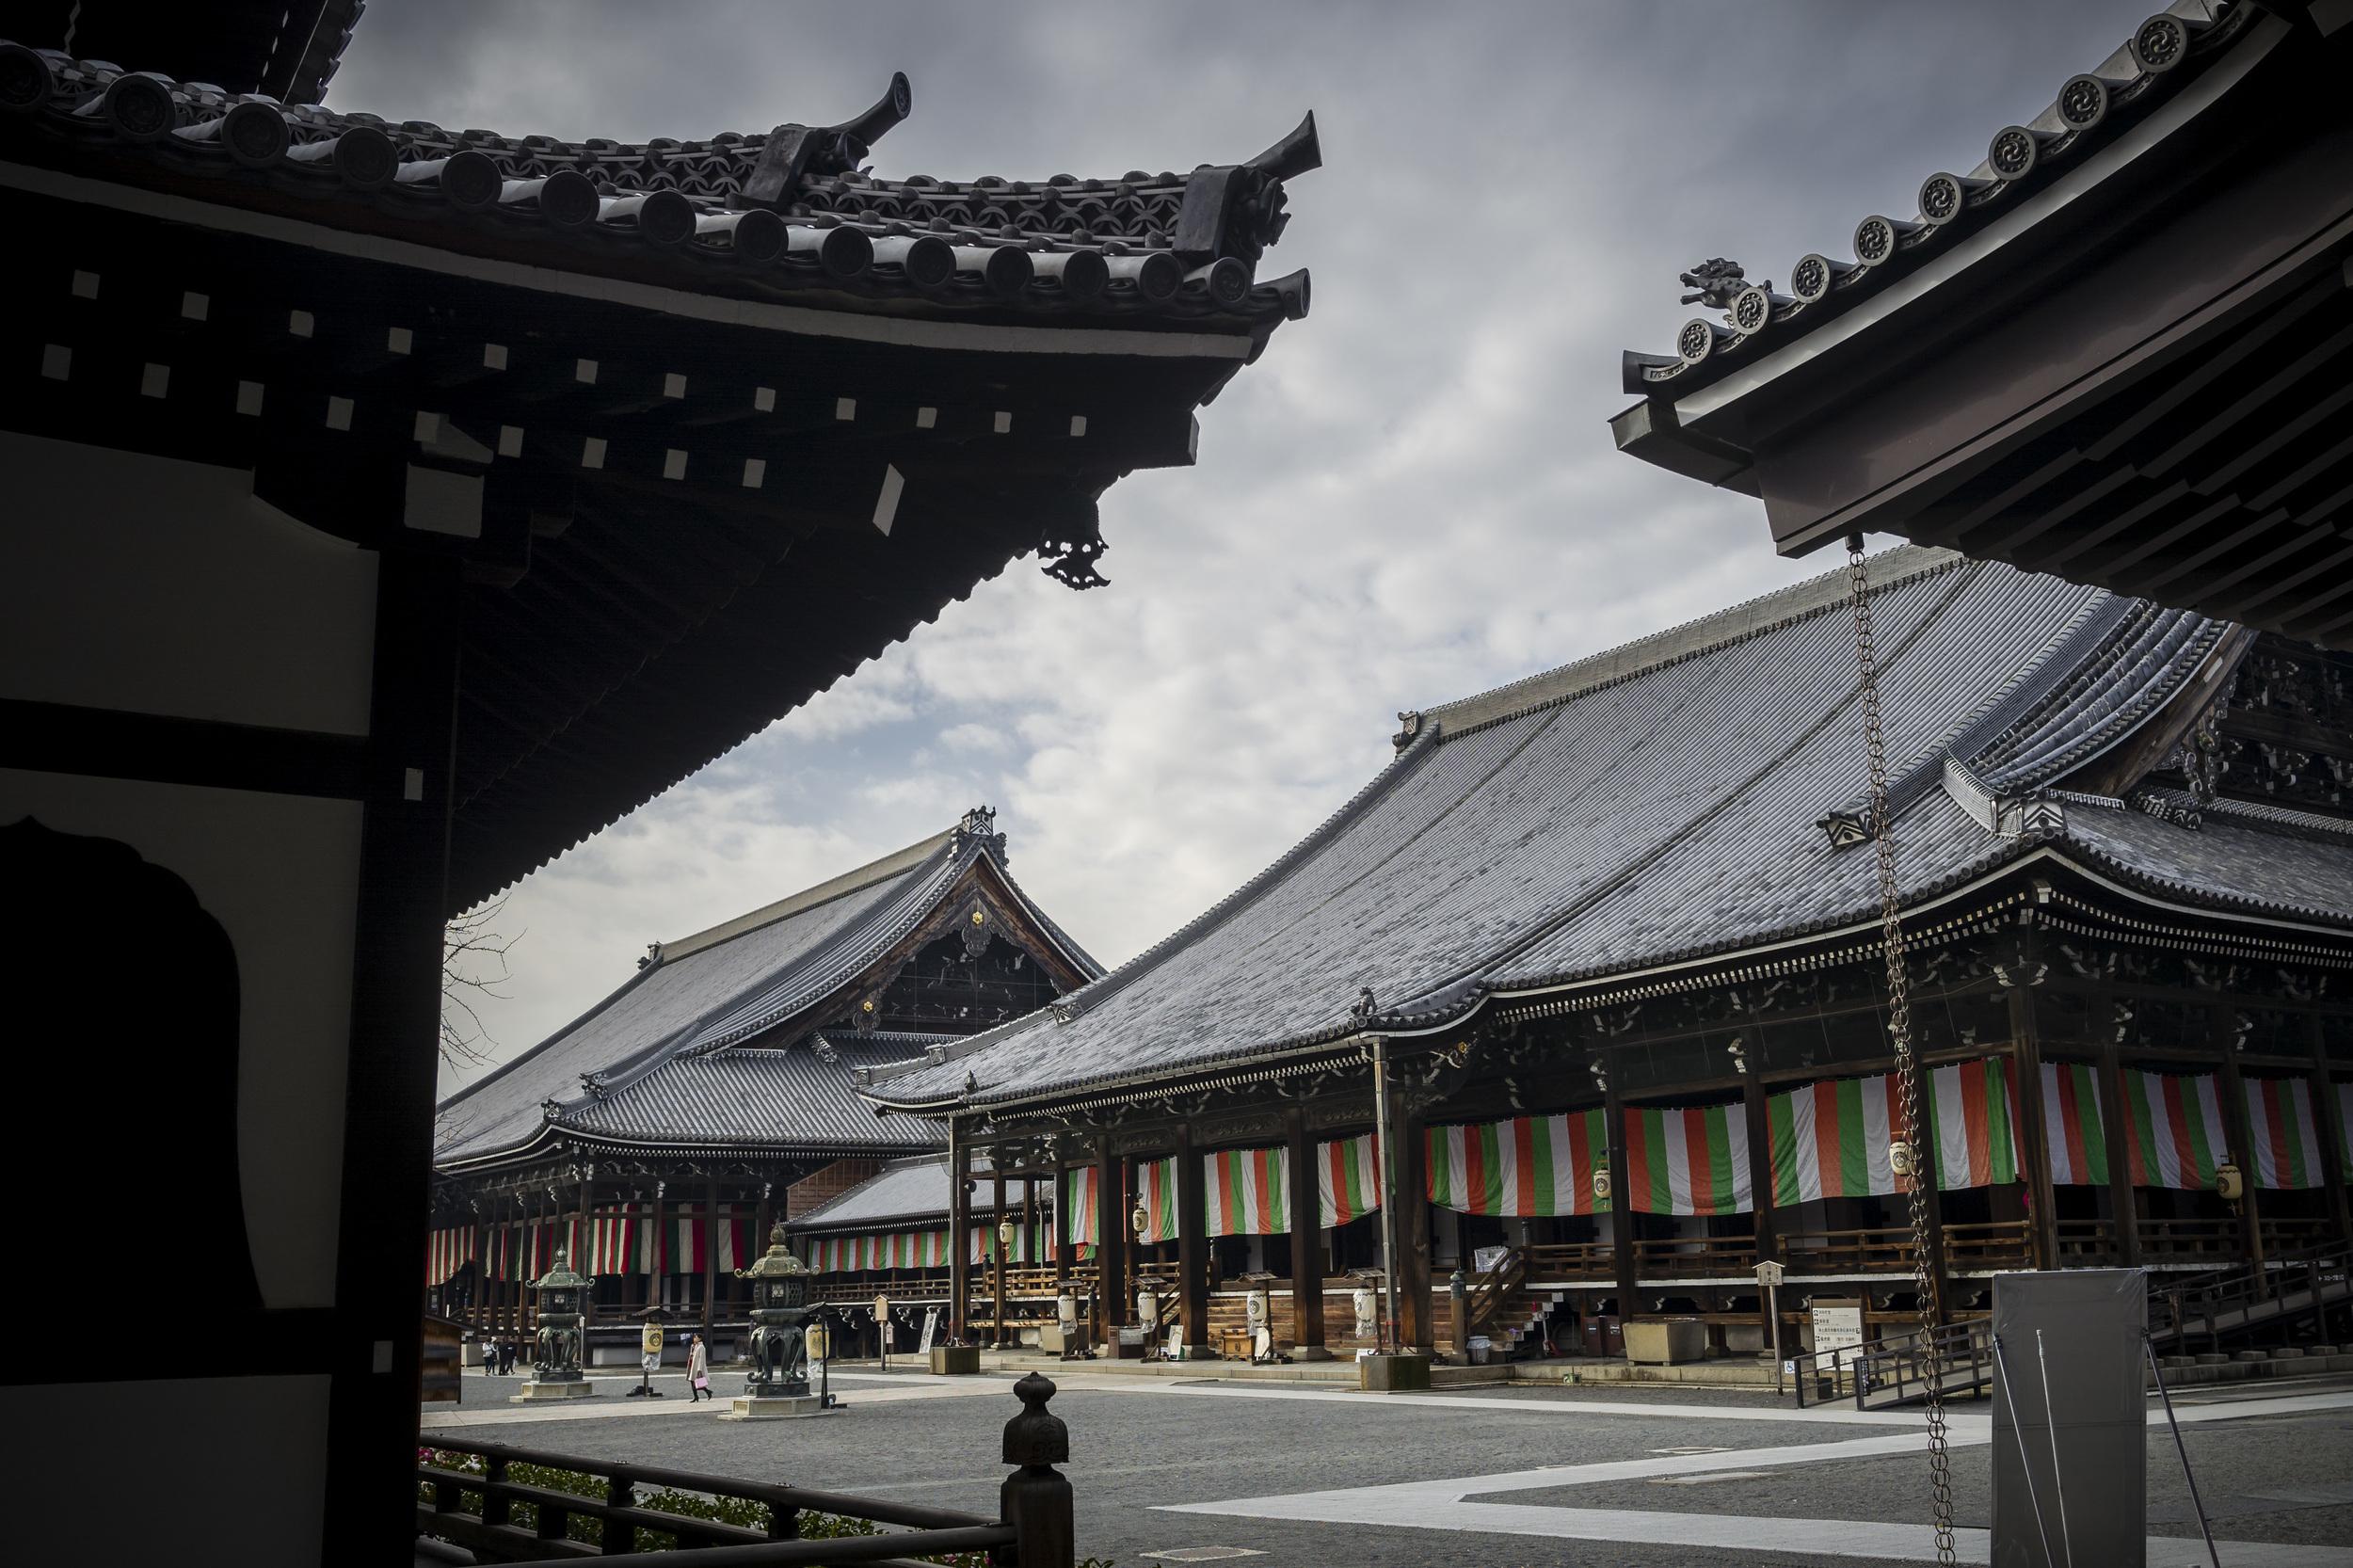 Higashi Hongan Temple